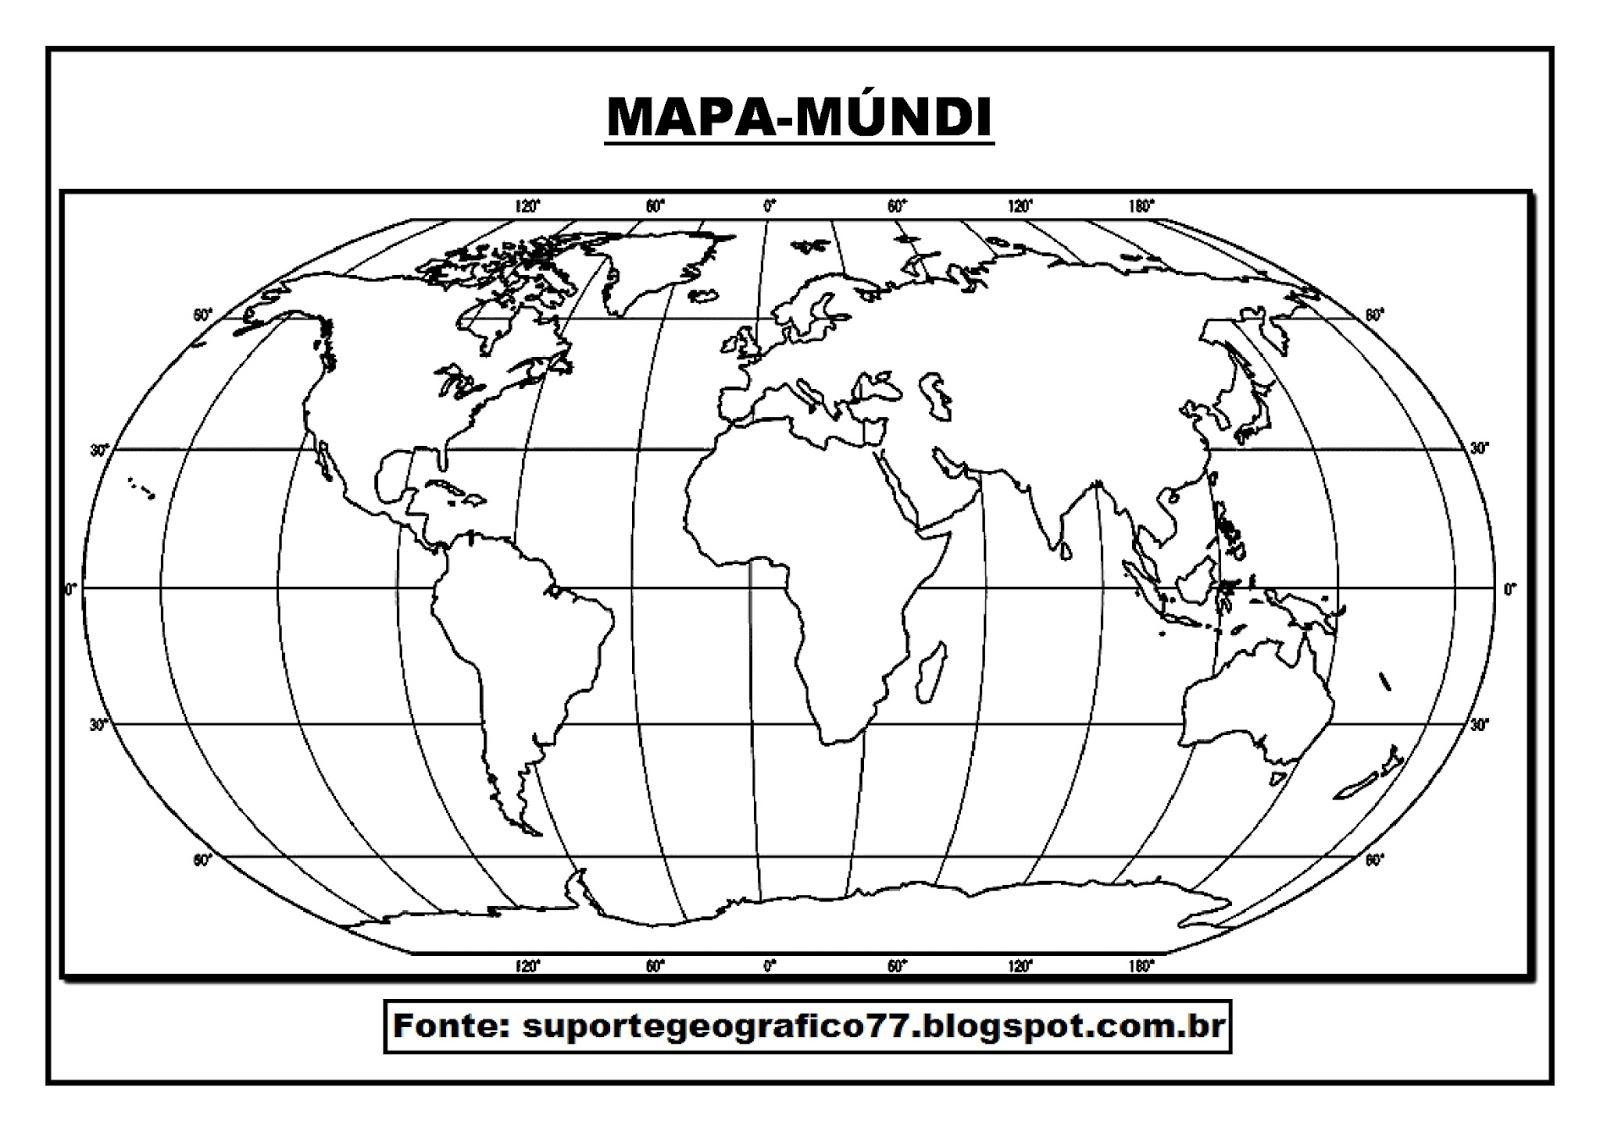 Suporte Geografico Mapa Mundi Para Colorir